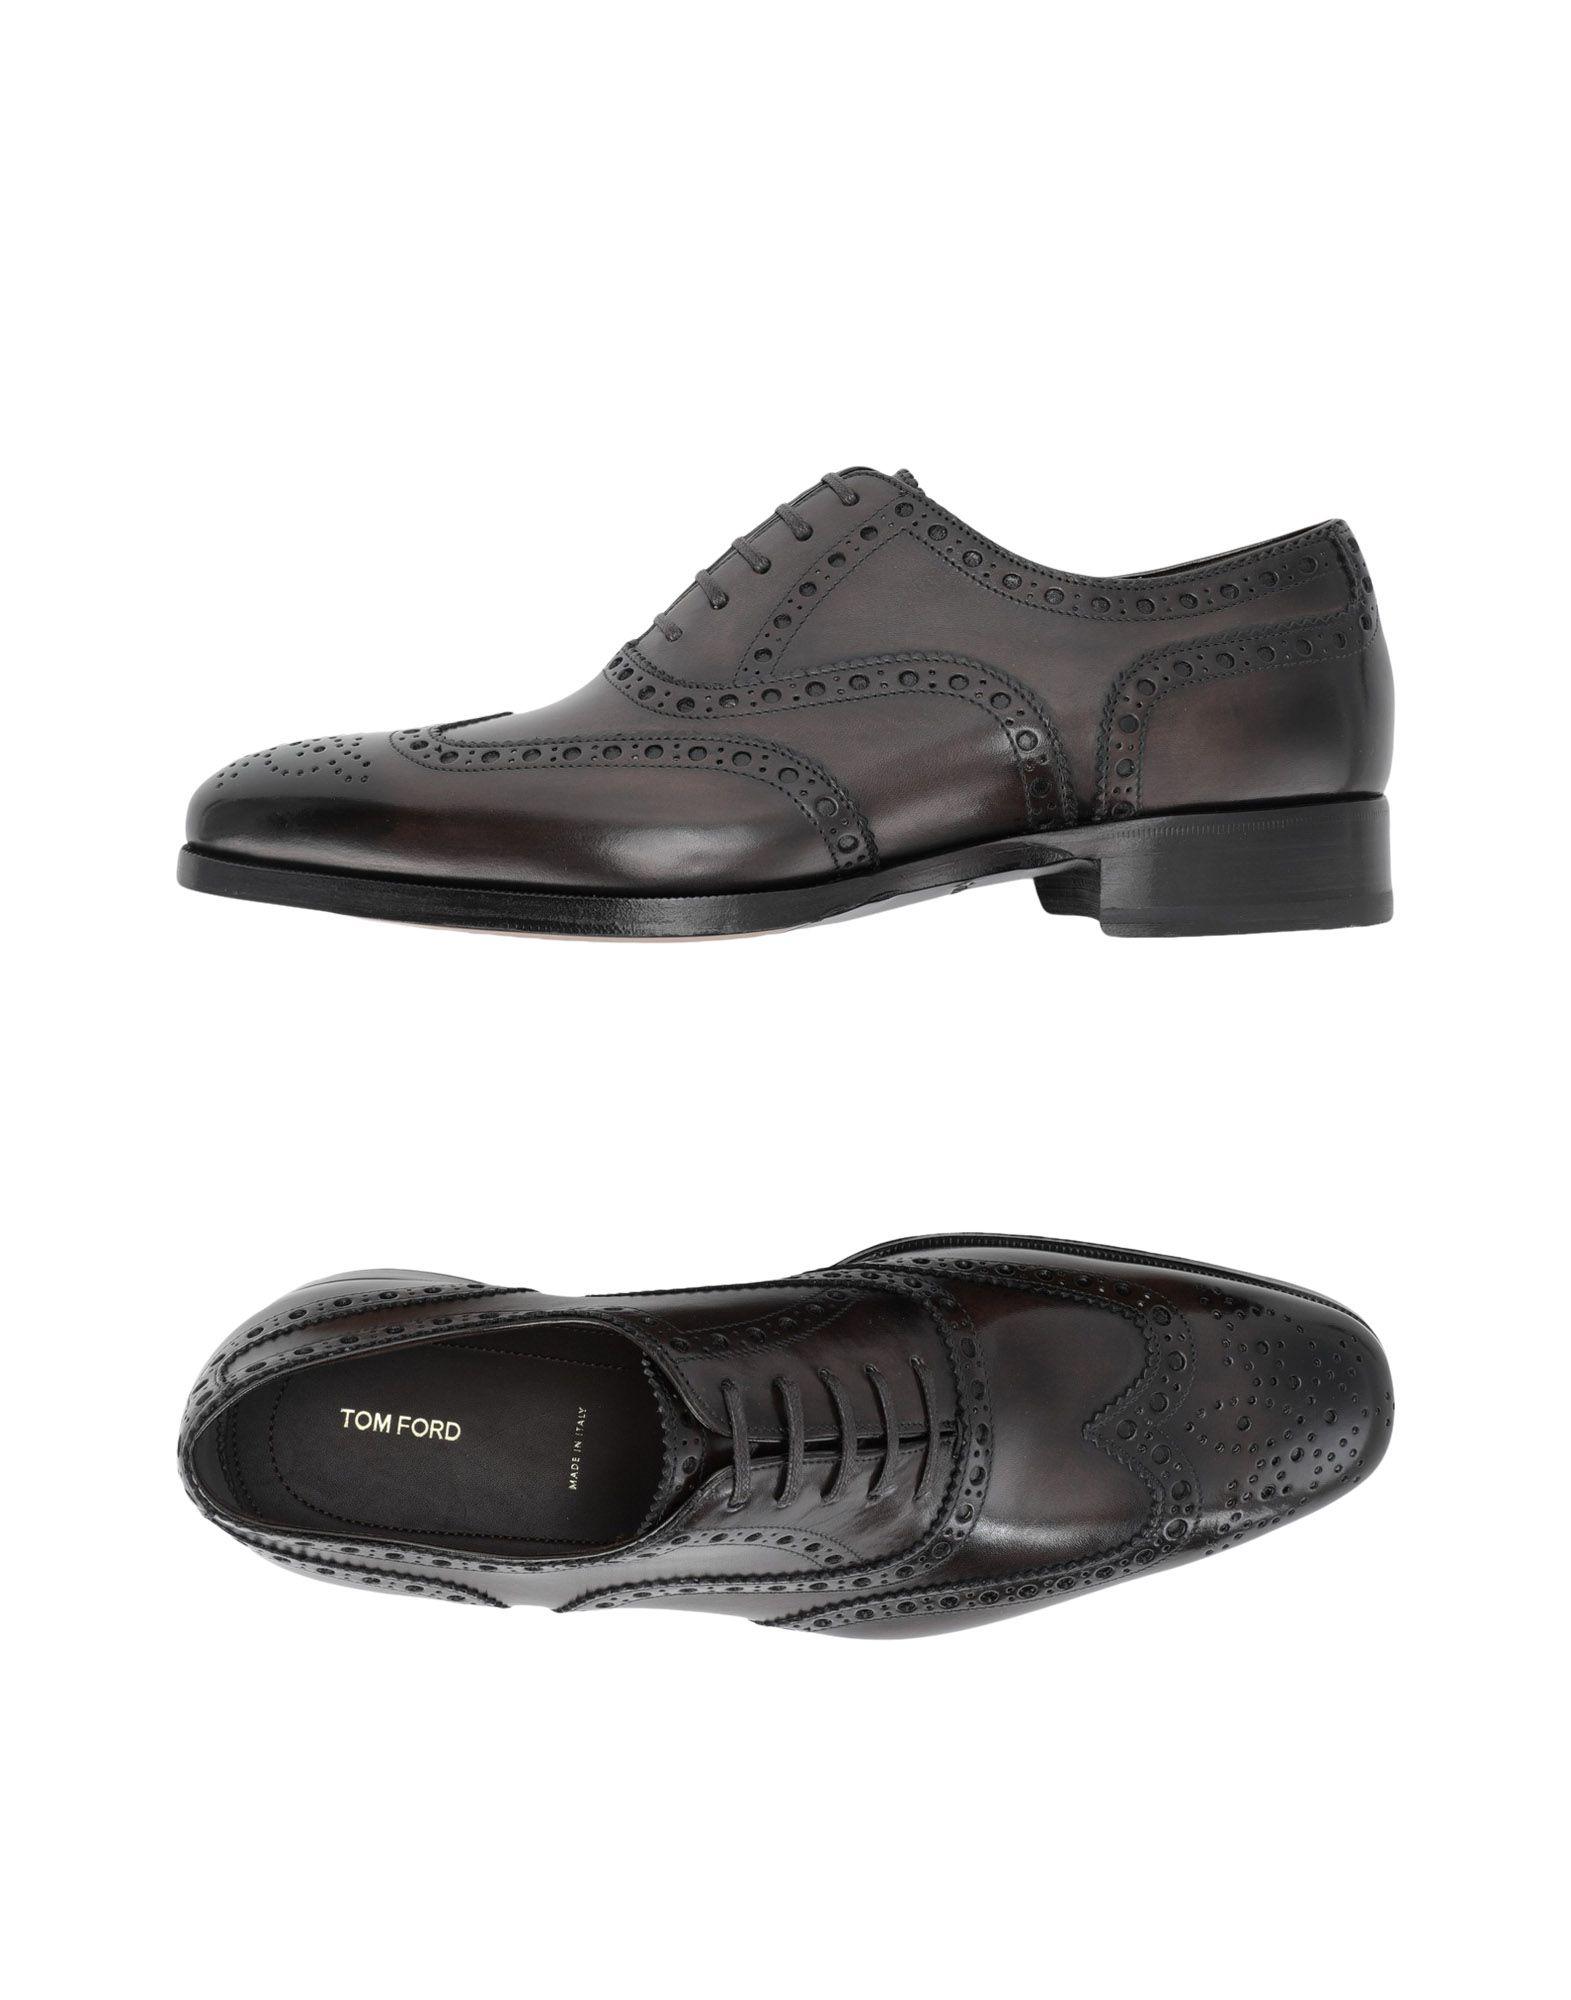 Tom Ford Schnürschuhe Herren  11450088AJ Gute Qualität beliebte Schuhe